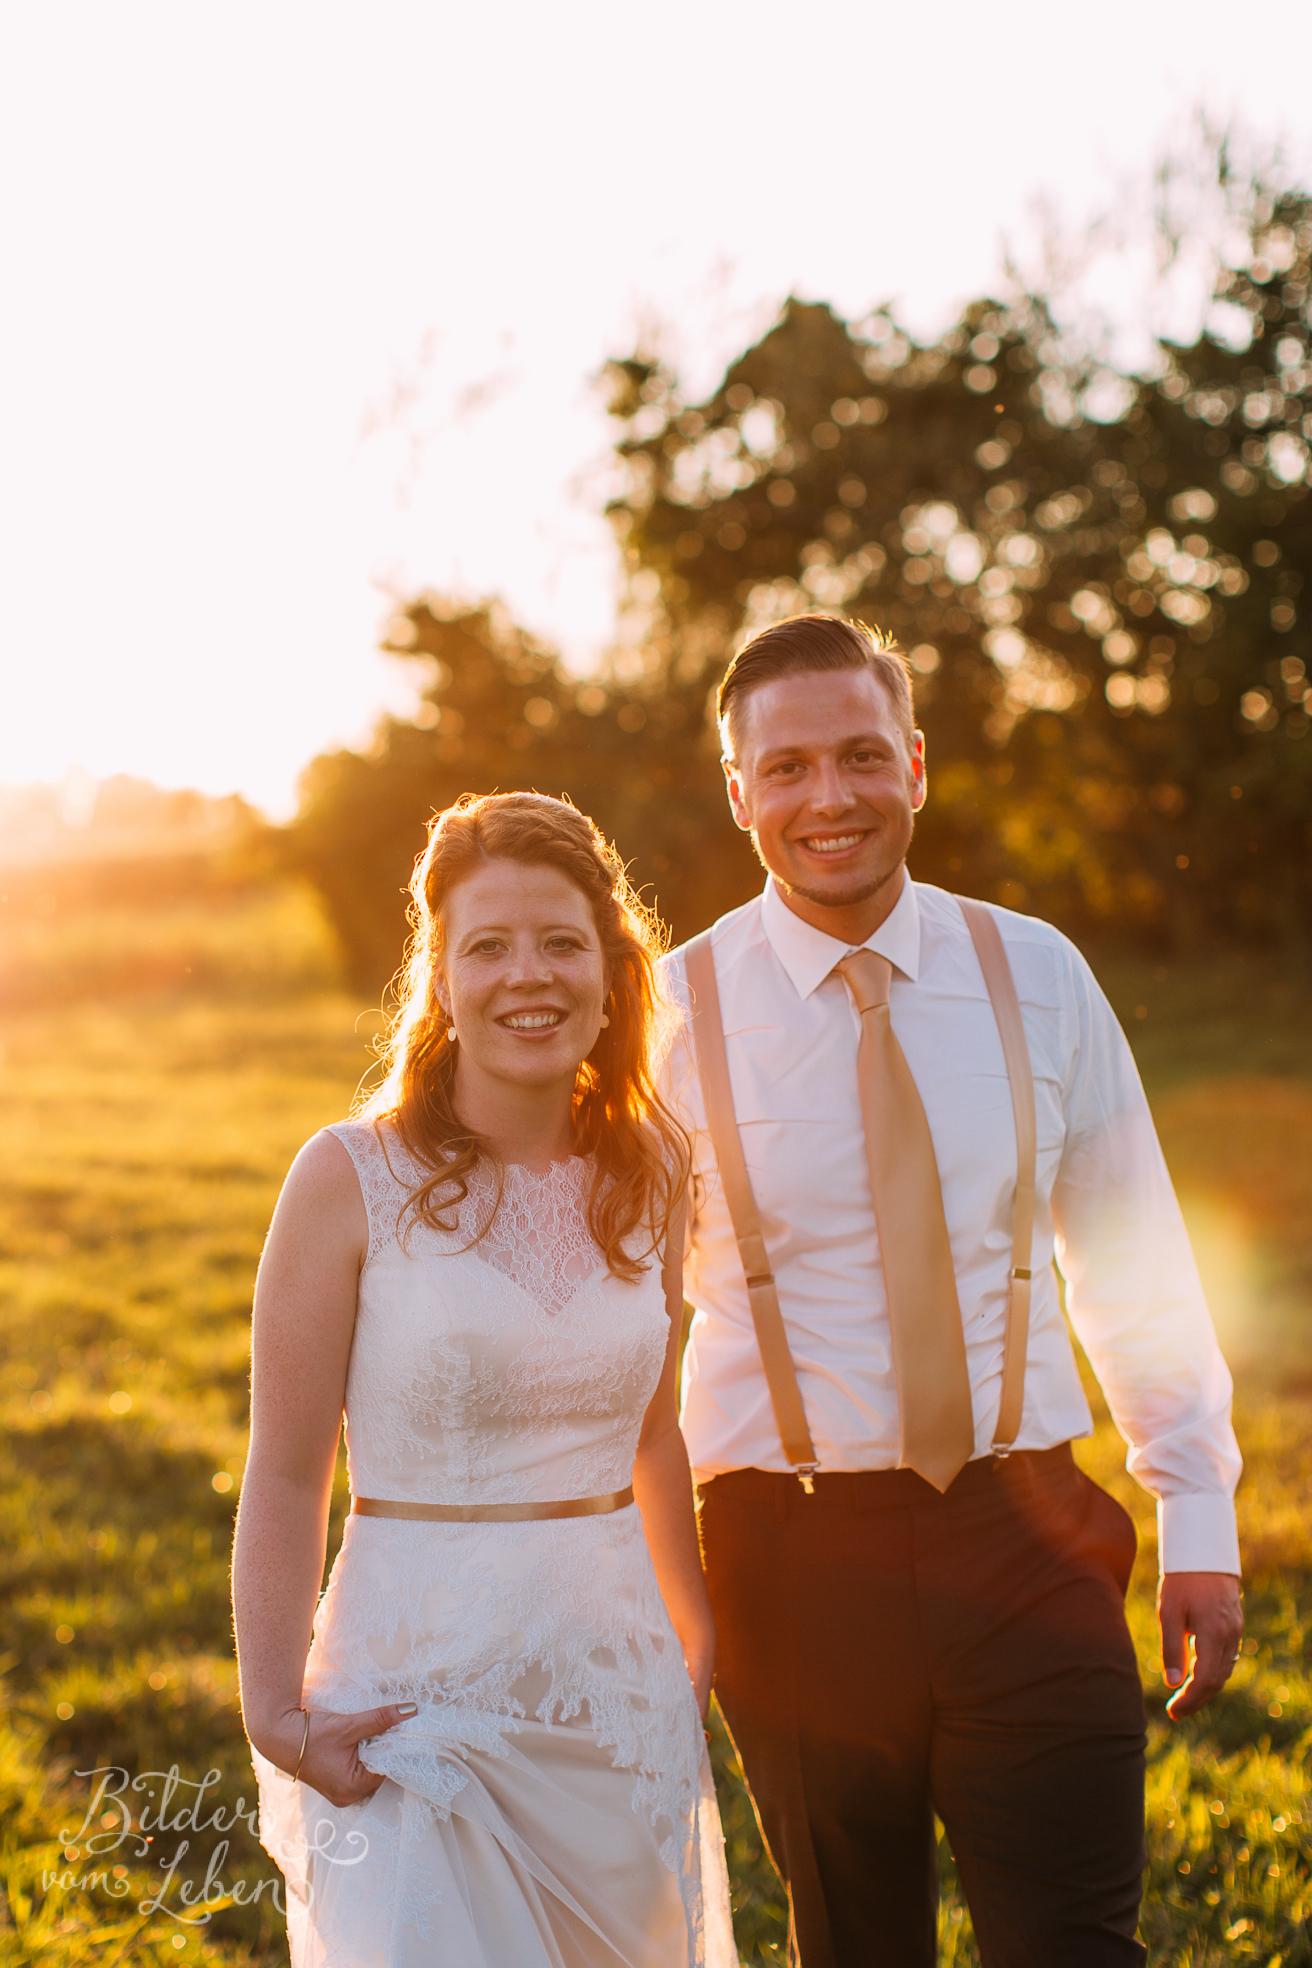 Franzi-Mike-Hochzeitsfotos-Triesdorf-IM2C2660